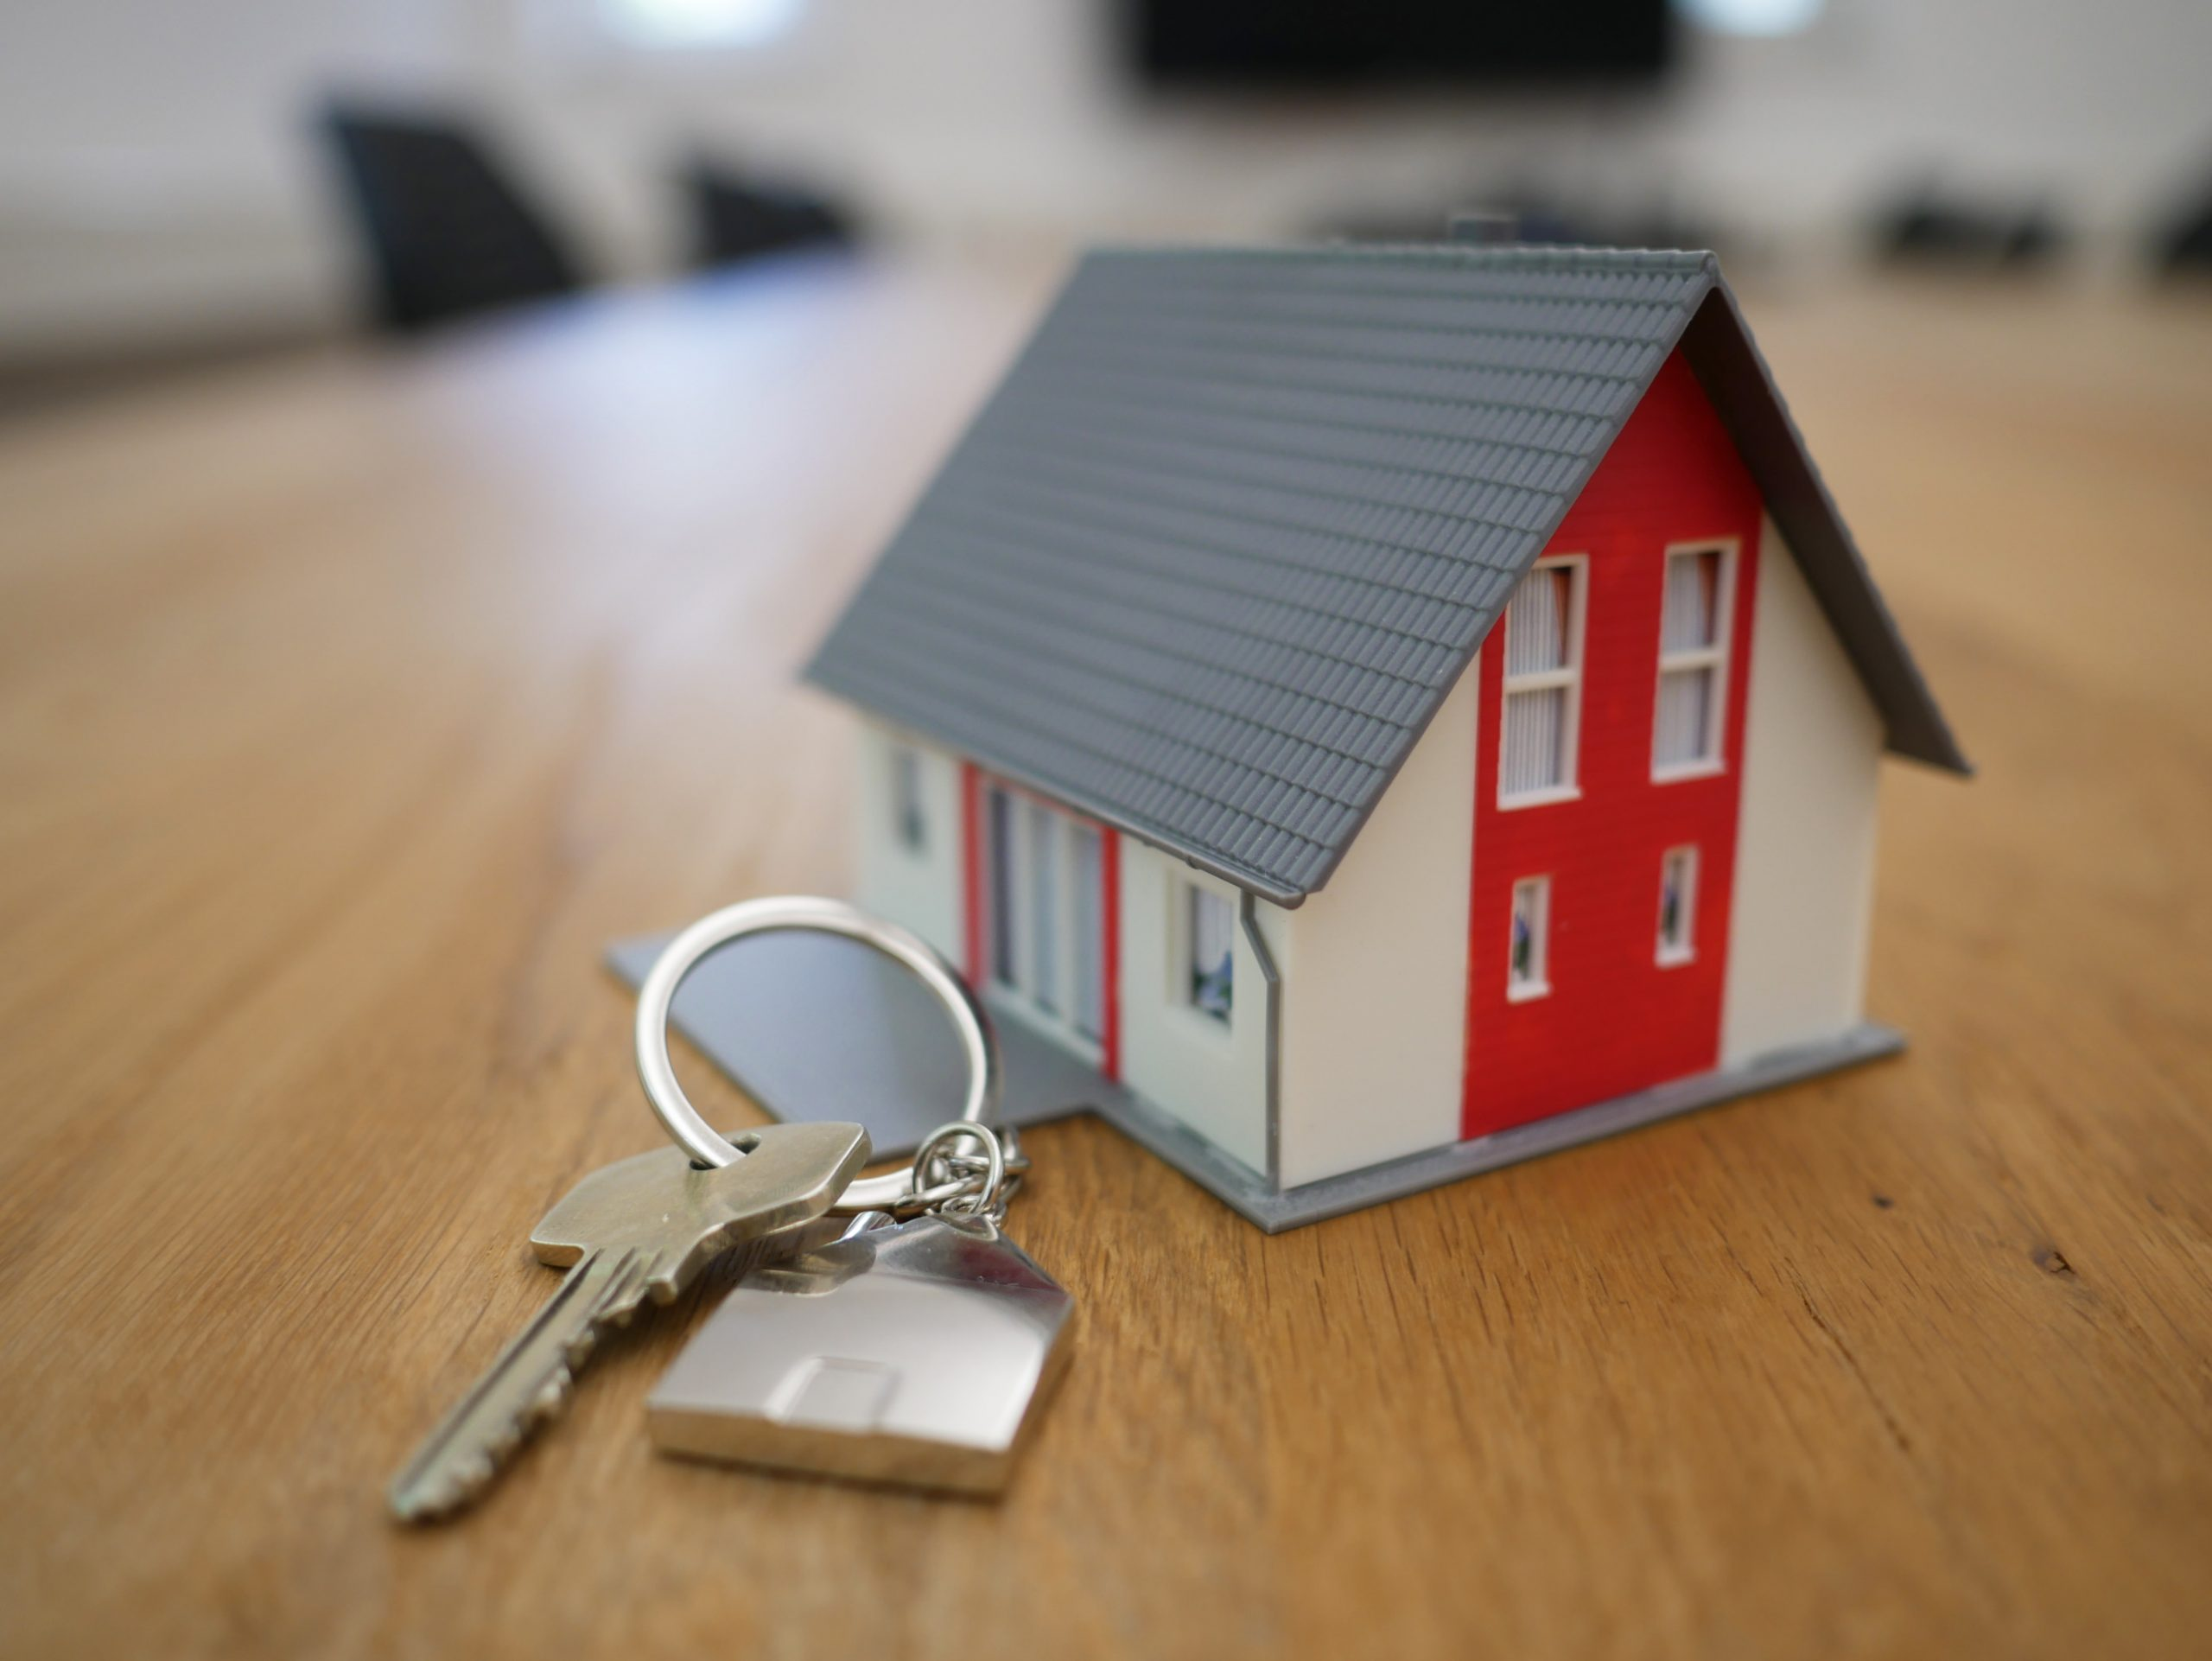 Droomhuis kopen: miniatuurhuis met sleutel